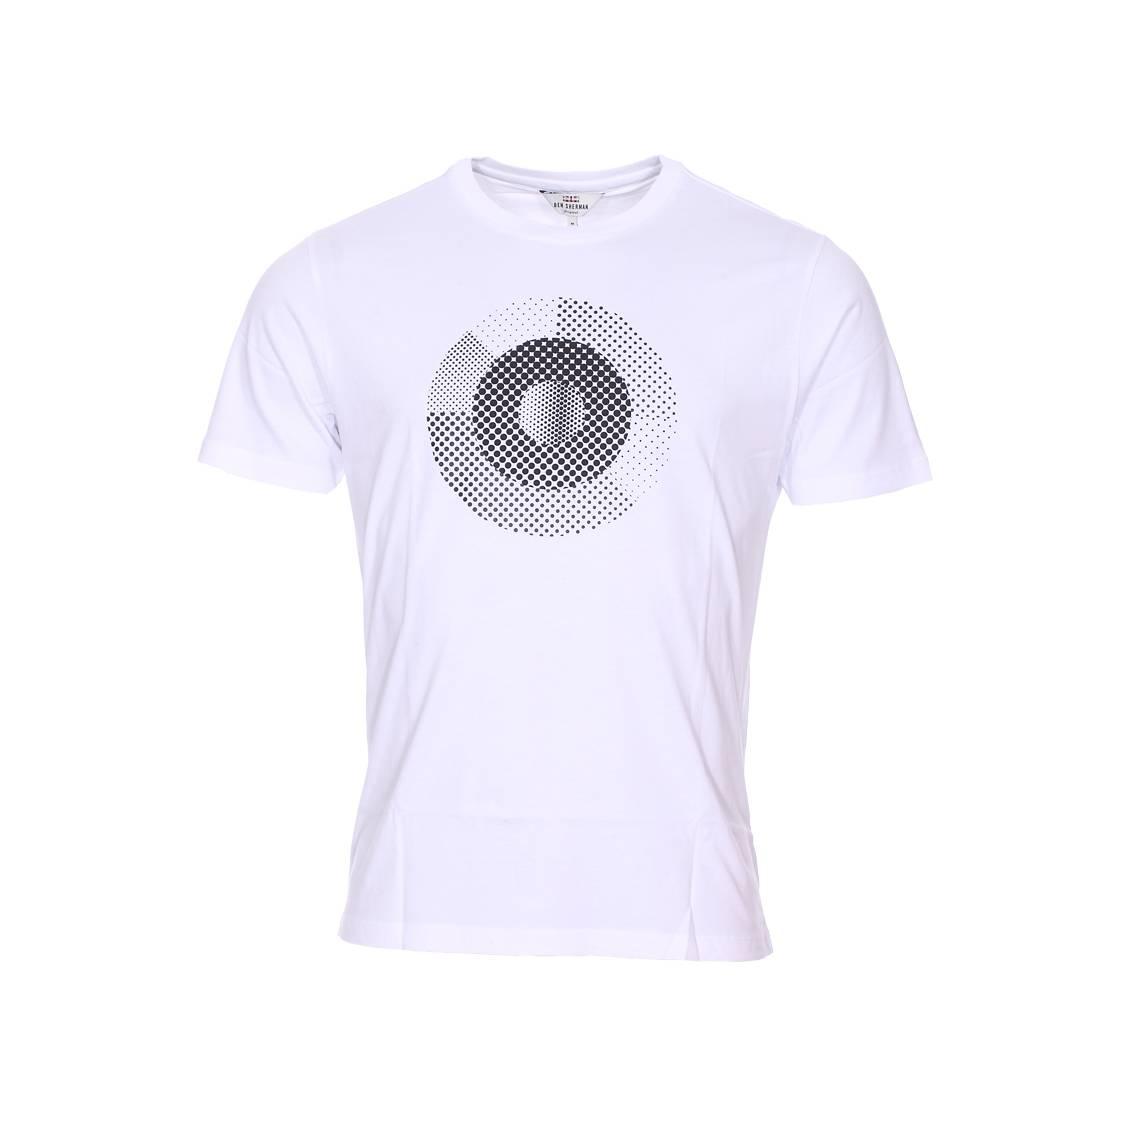 Tee-shirt col rond  en coton blanc à motifs pointillés noirs